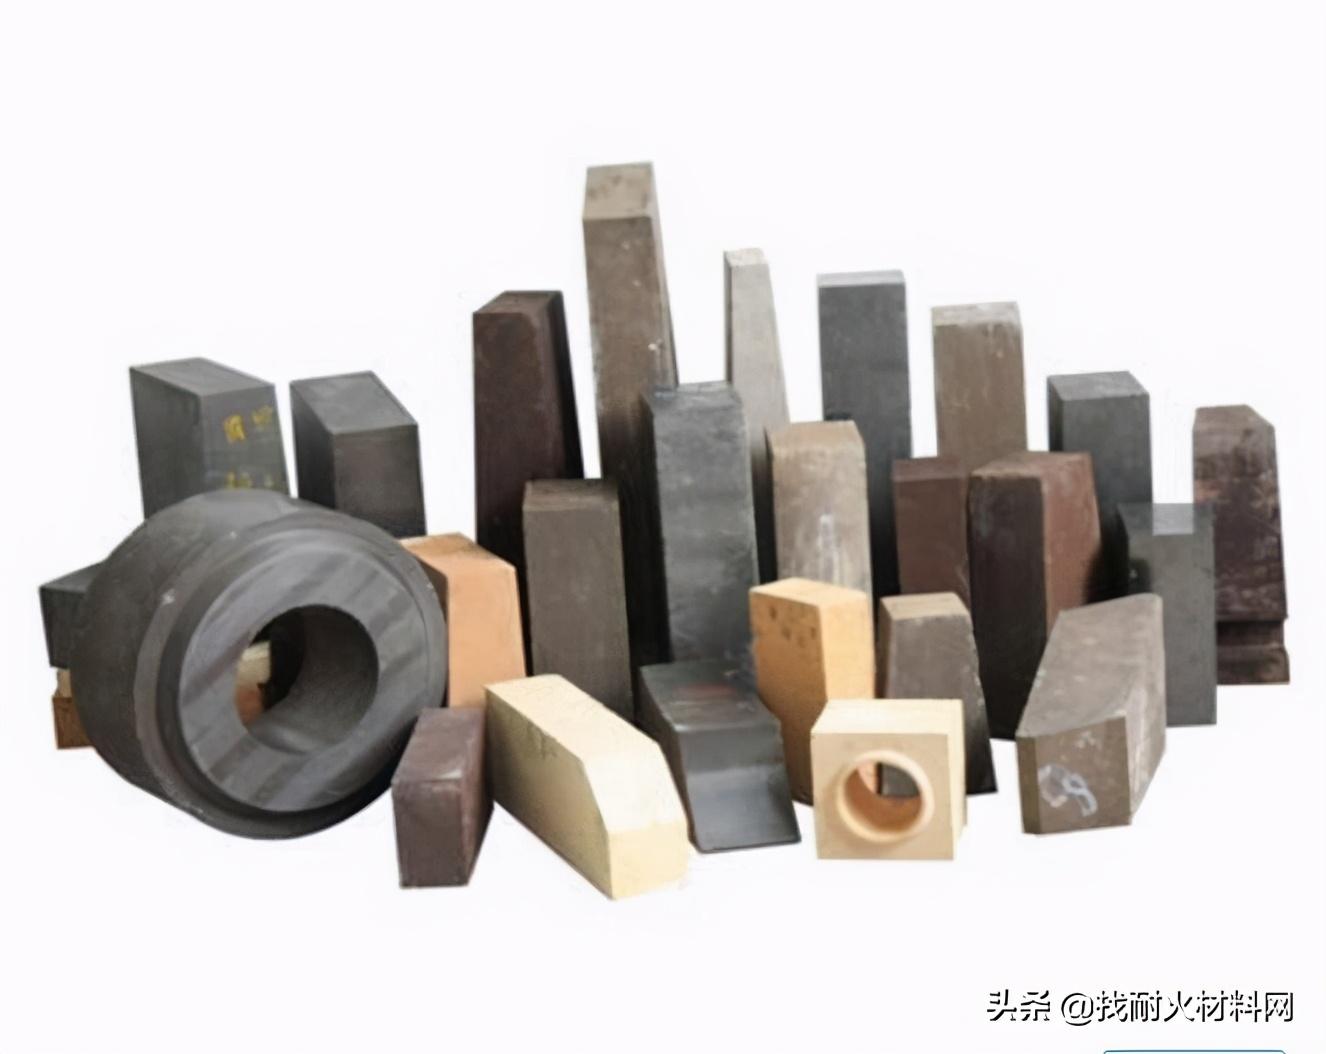 耐火材料的定义及分类